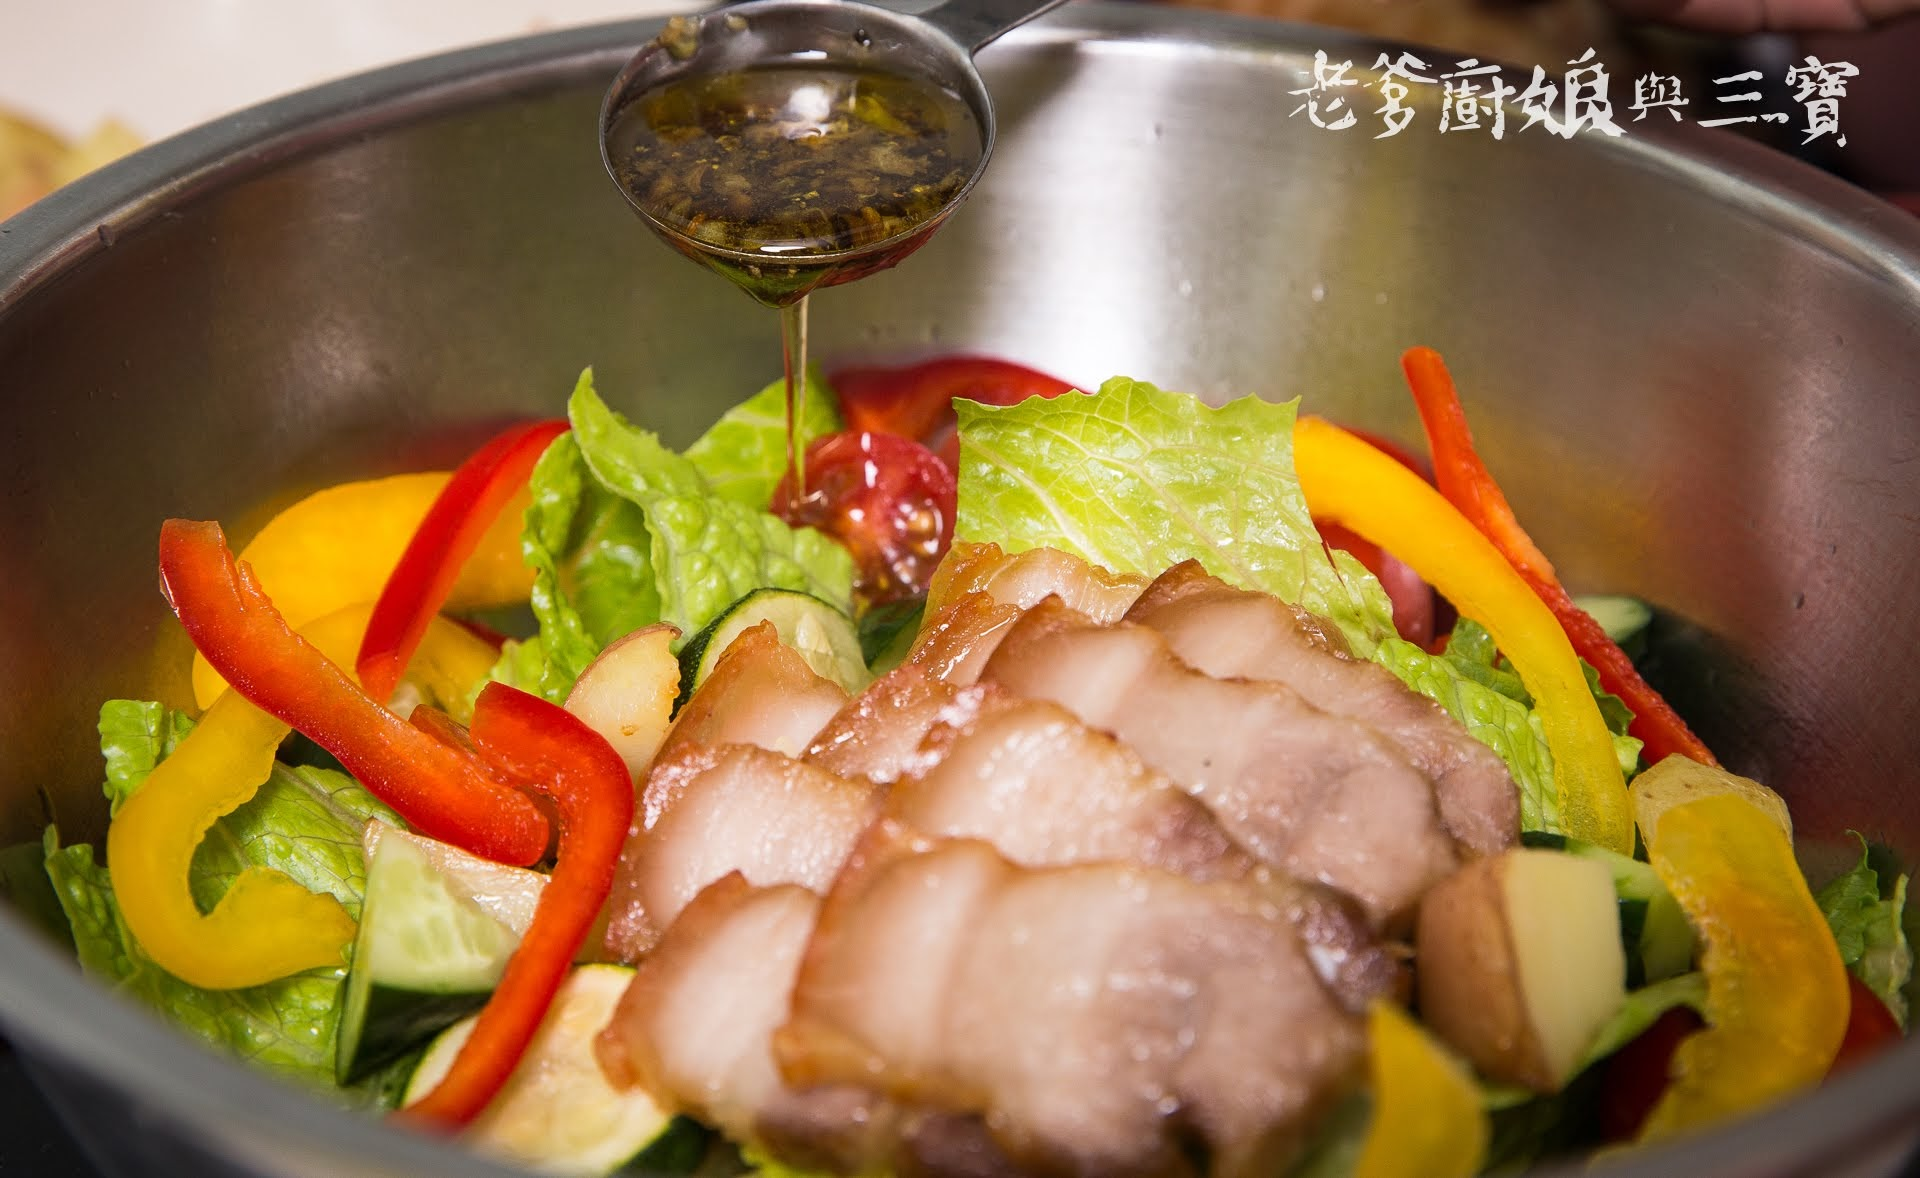 金德老爹雲南特製臘肉...好吃風味上桌囉